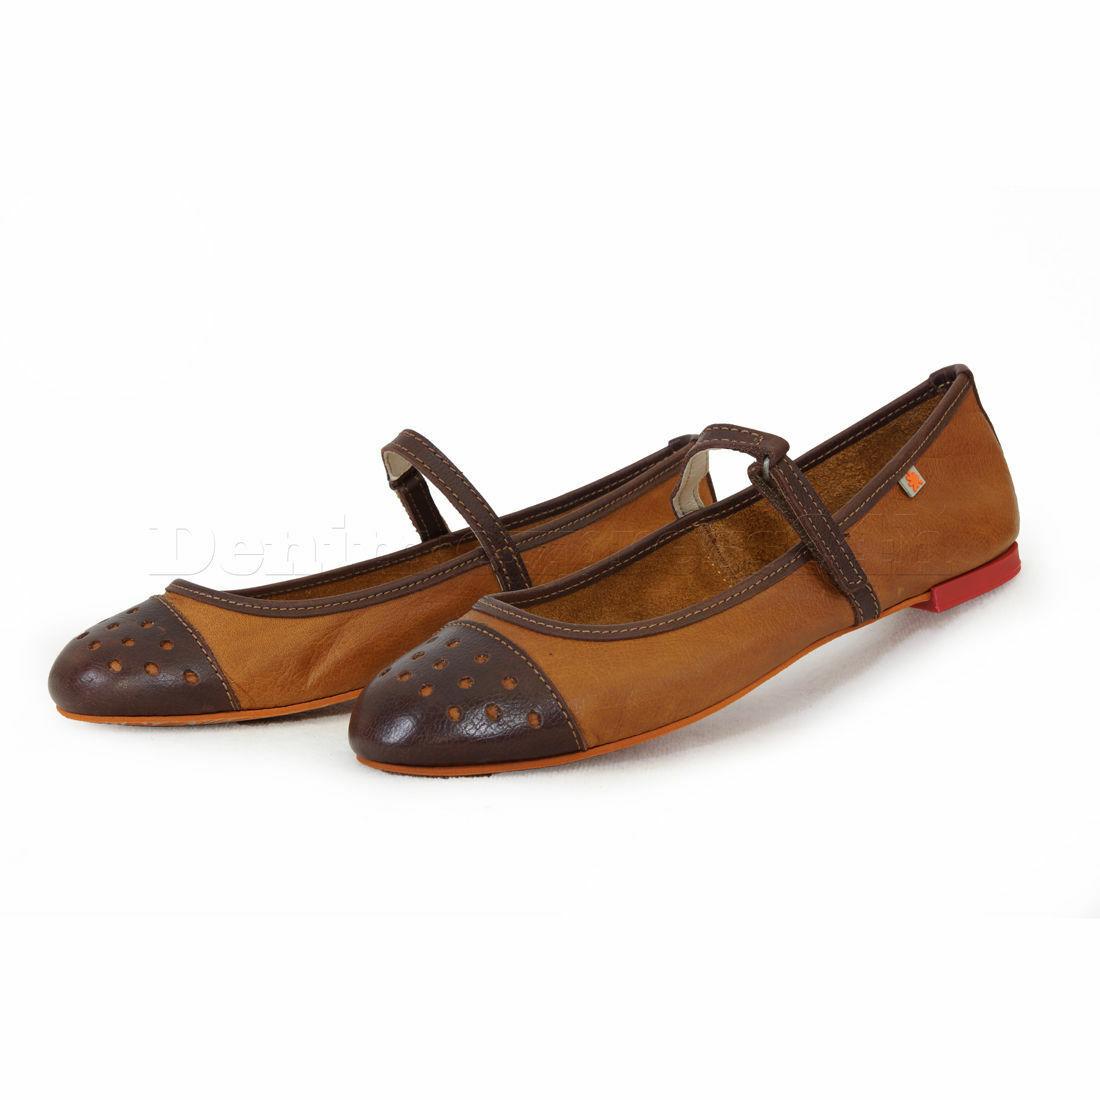 Schuhe Damen COMPANY ART THE Ballerina Neuware caramel moka